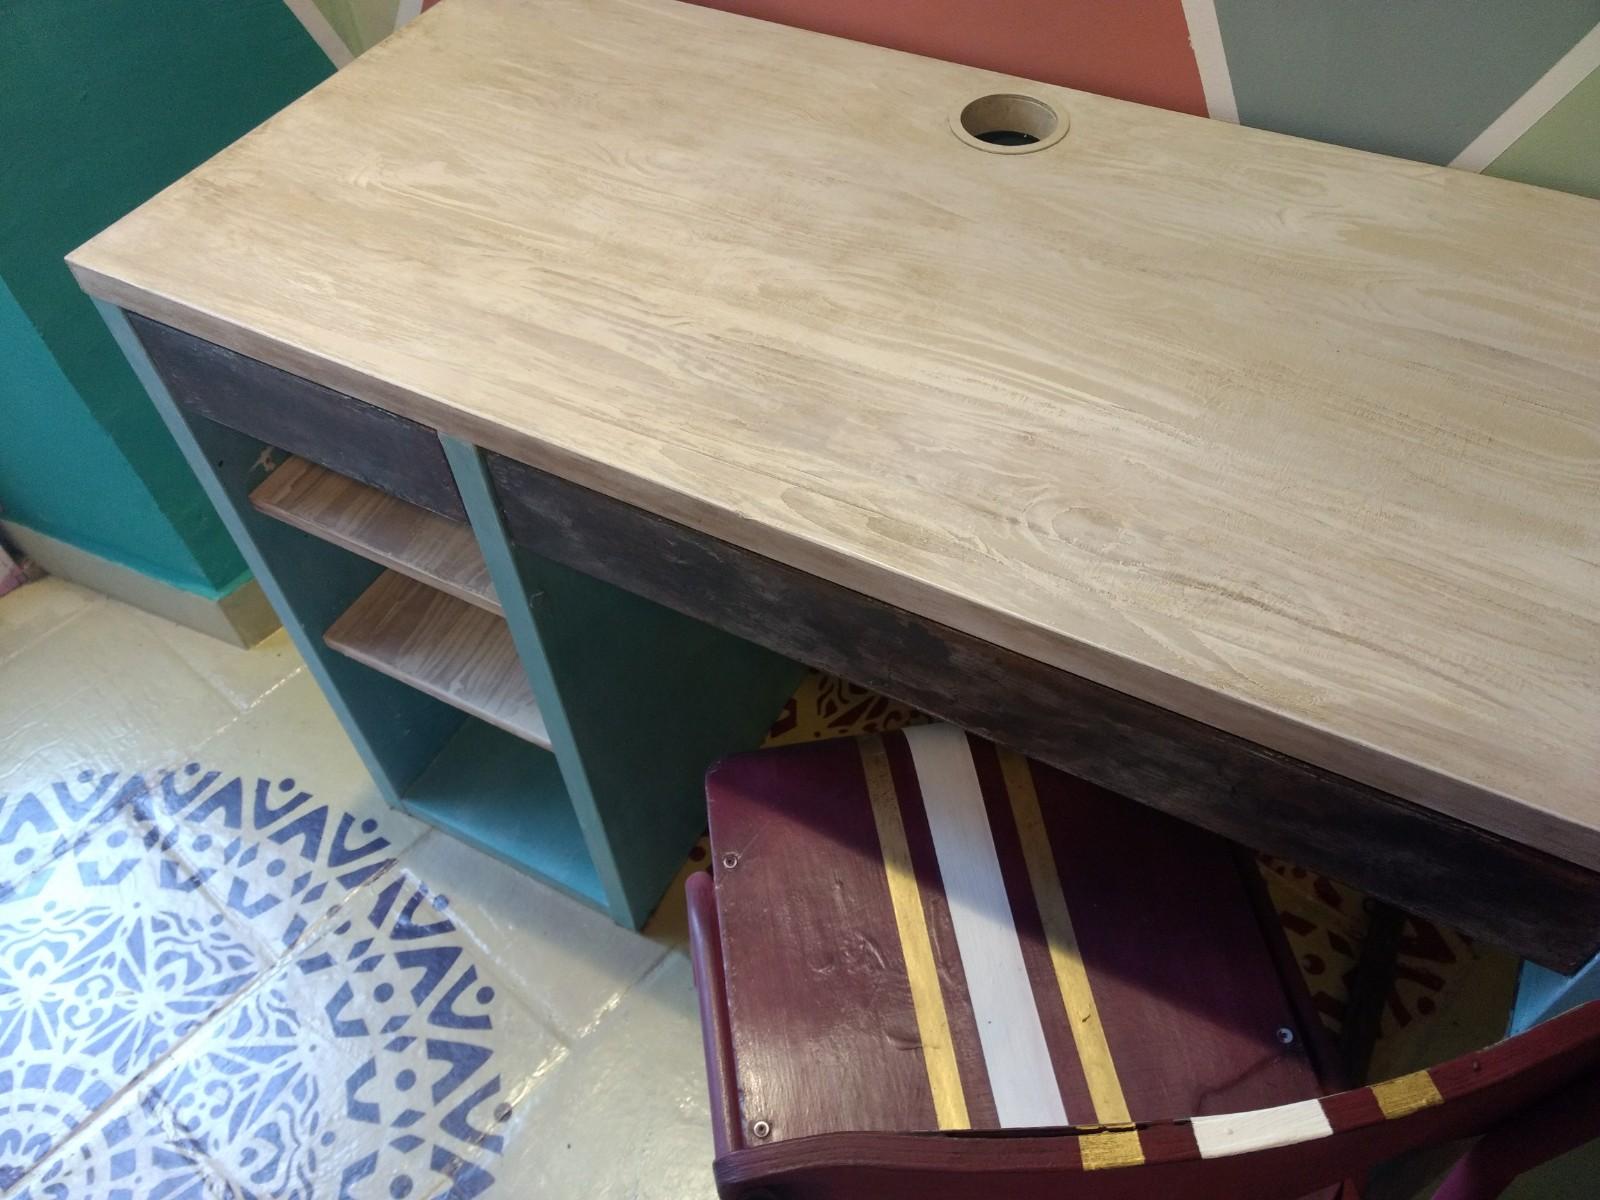 Veteado en colores claros imitando la madera natural lavada - TRATE Tienda Taller - Chalk Paint - Bilbao